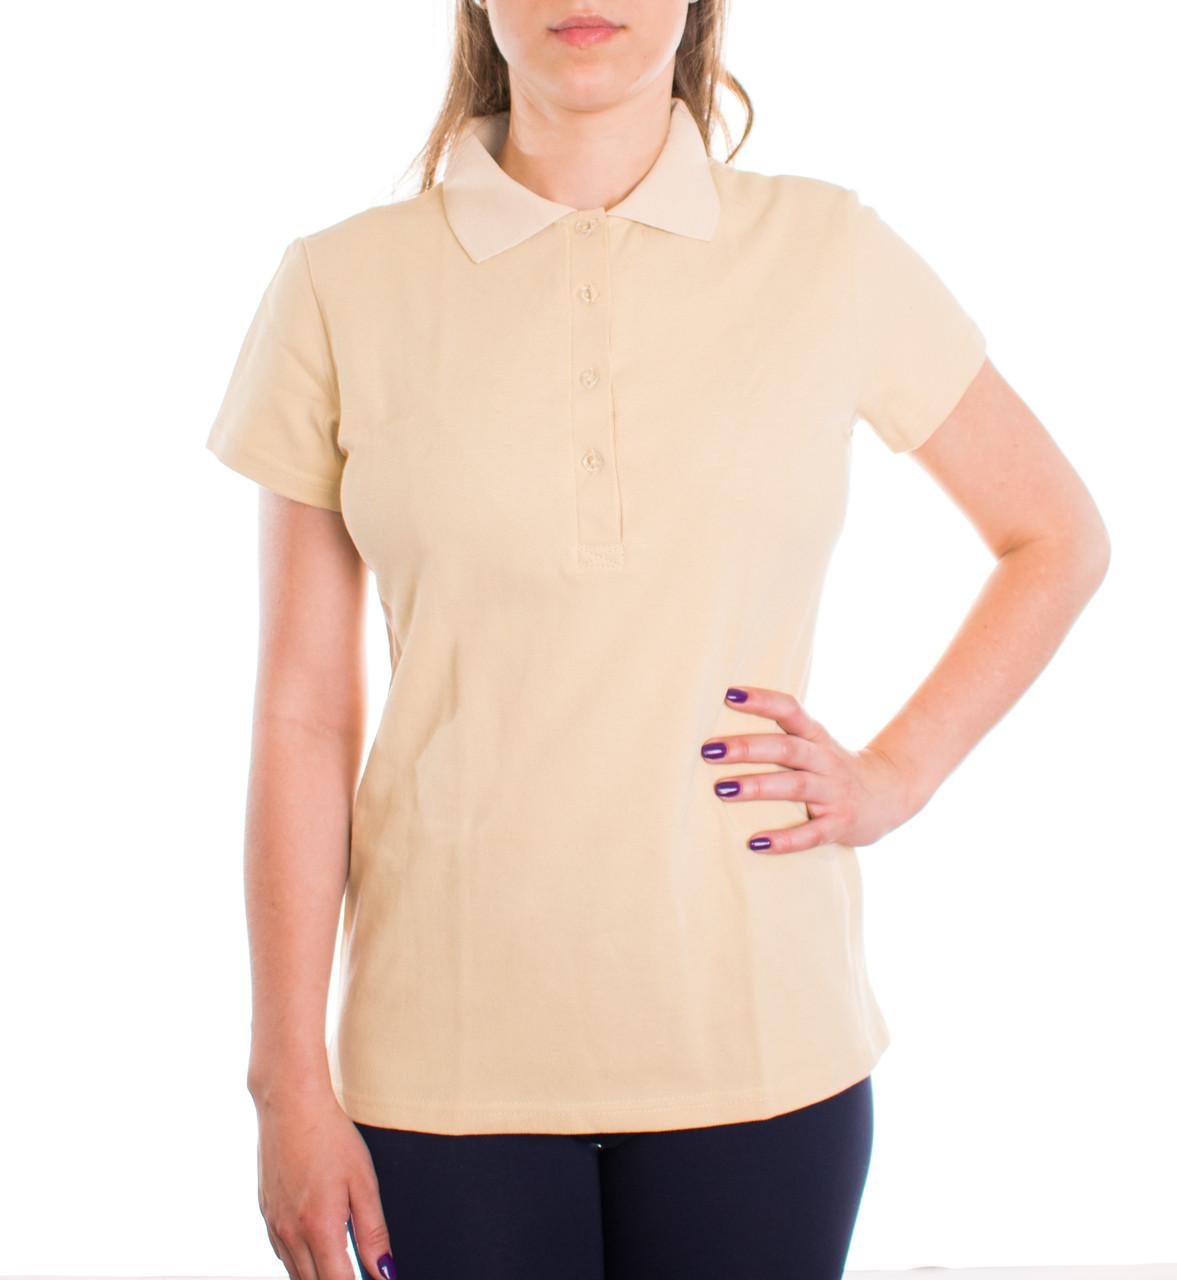 Bono Женская футболка поло бежевая 400159